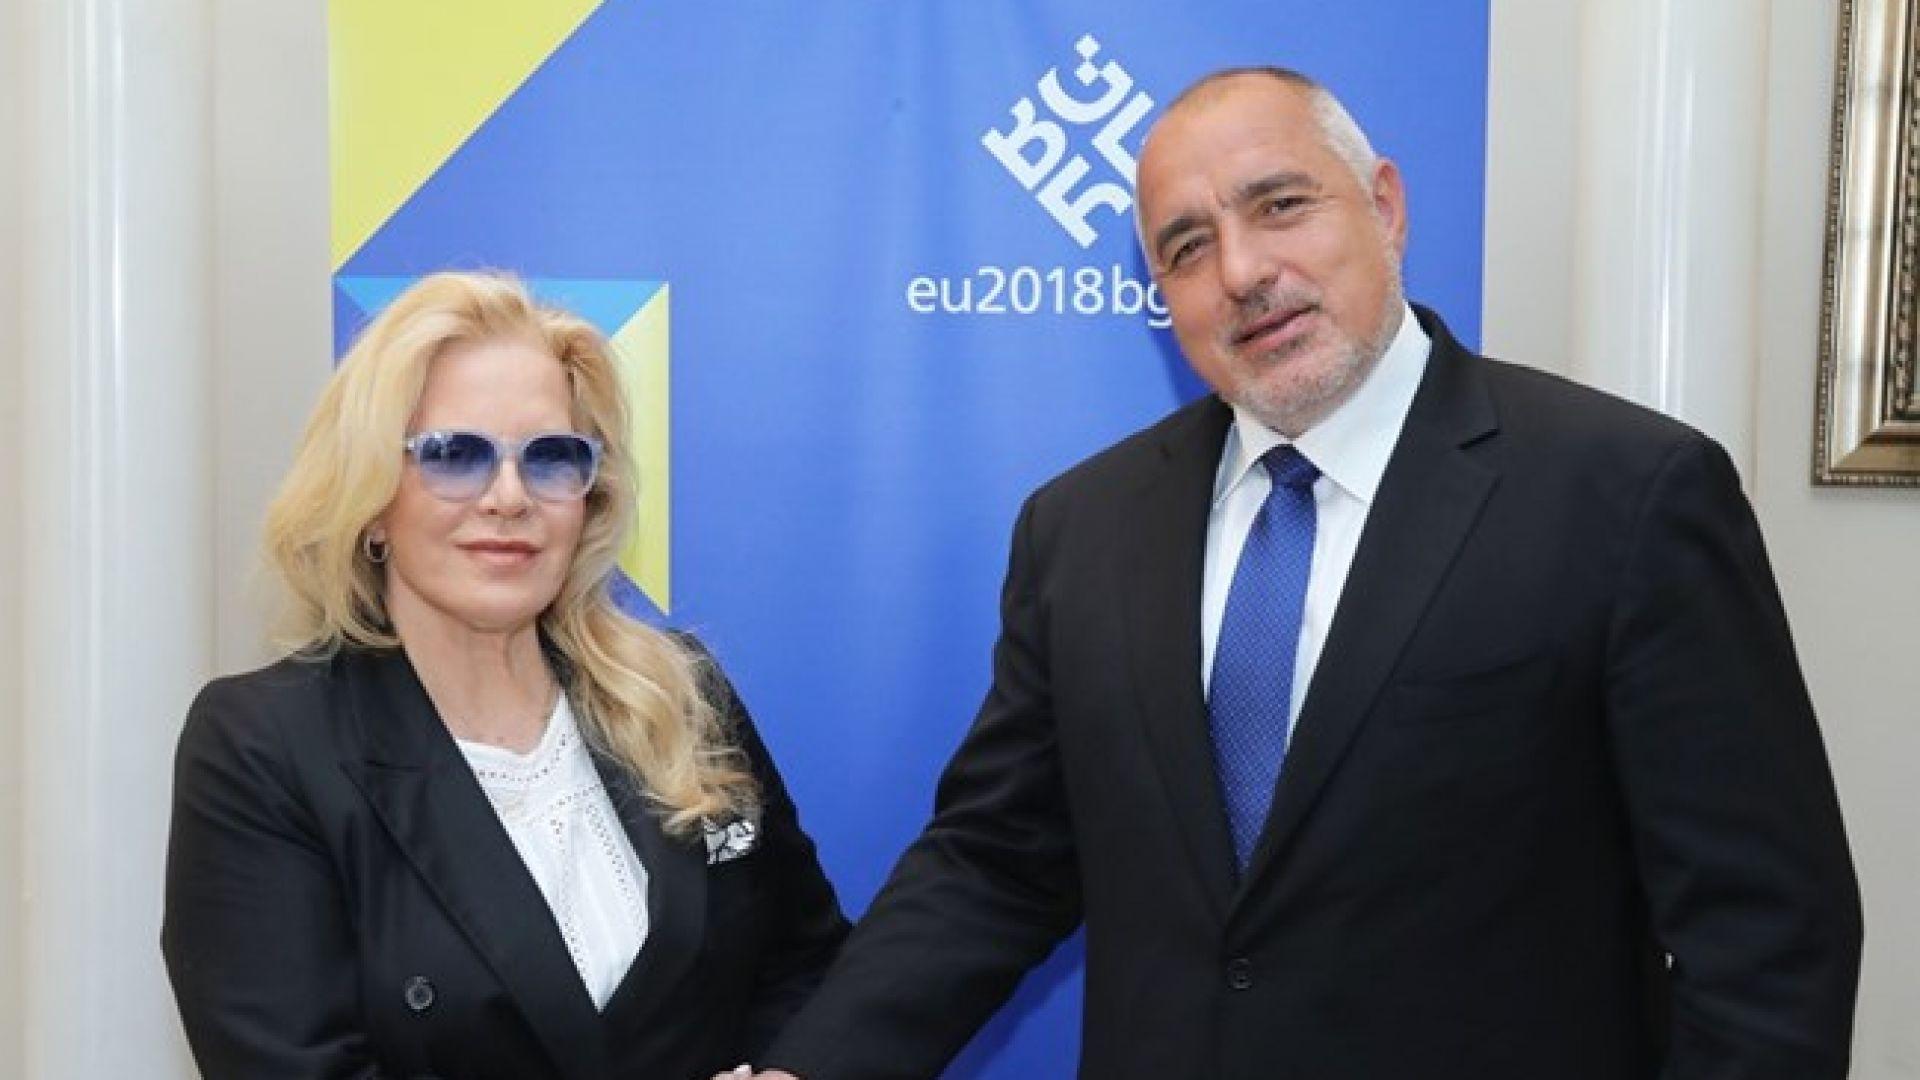 Силви Вартан се срещна с Бойко Борисов